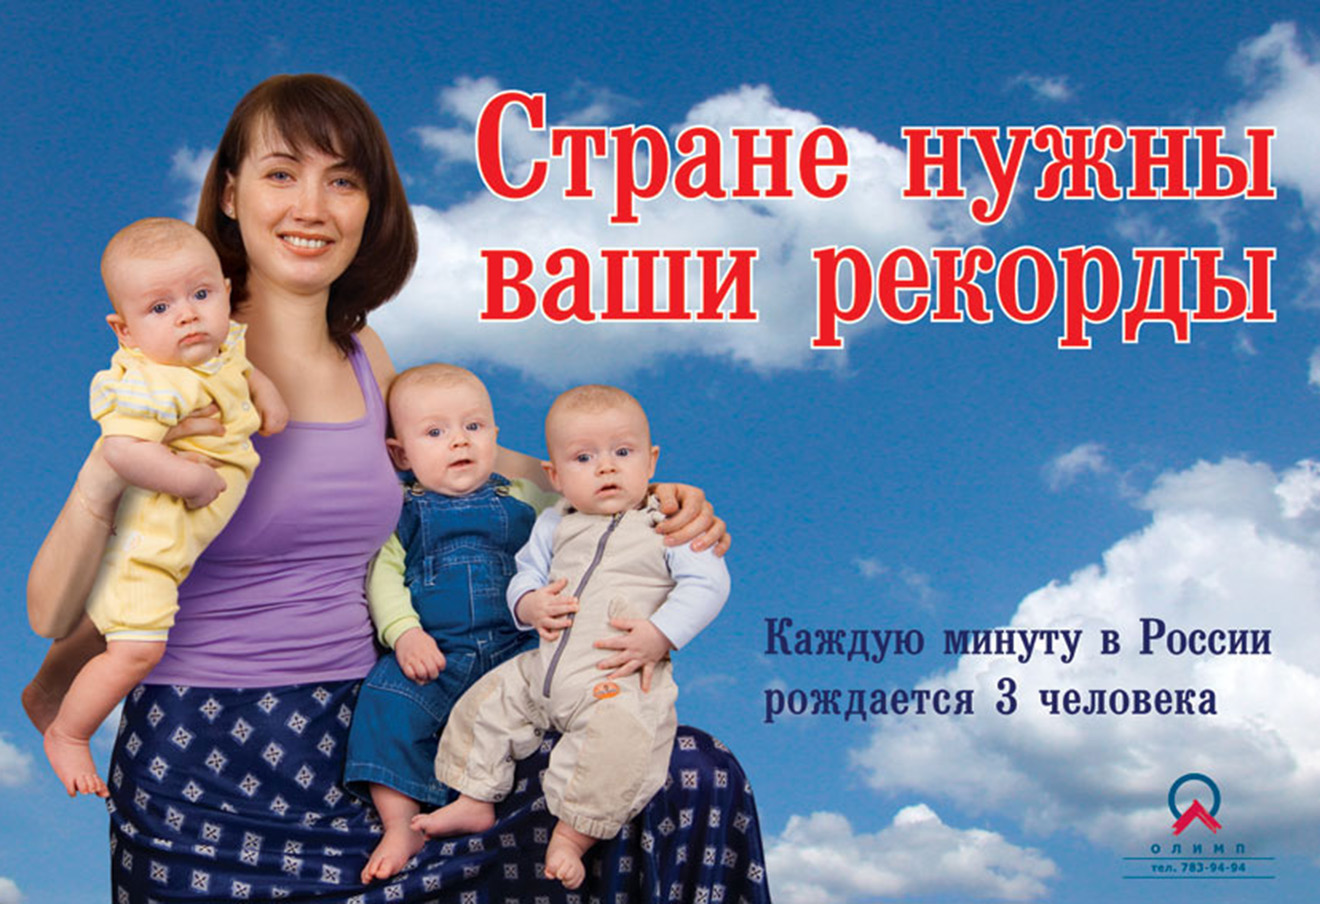 Налог за бездетность в 2017 году в России